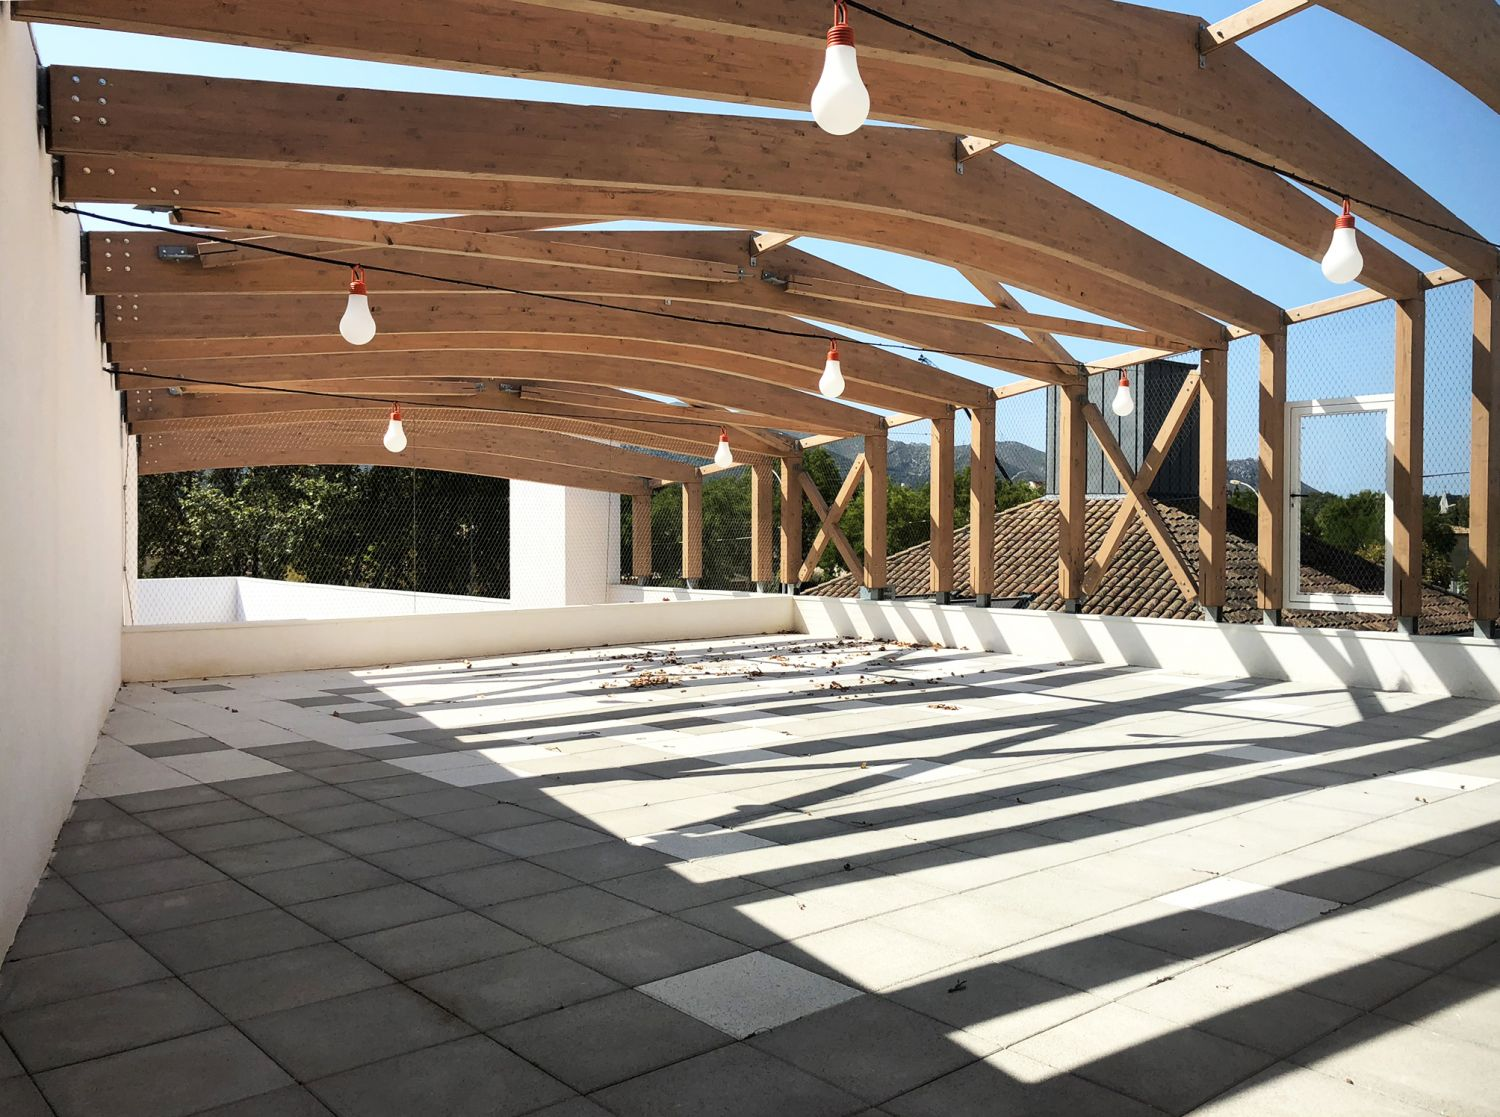 Ecole maternelle de La Jouvene - Arch.28.04architecture © 28.04architecture